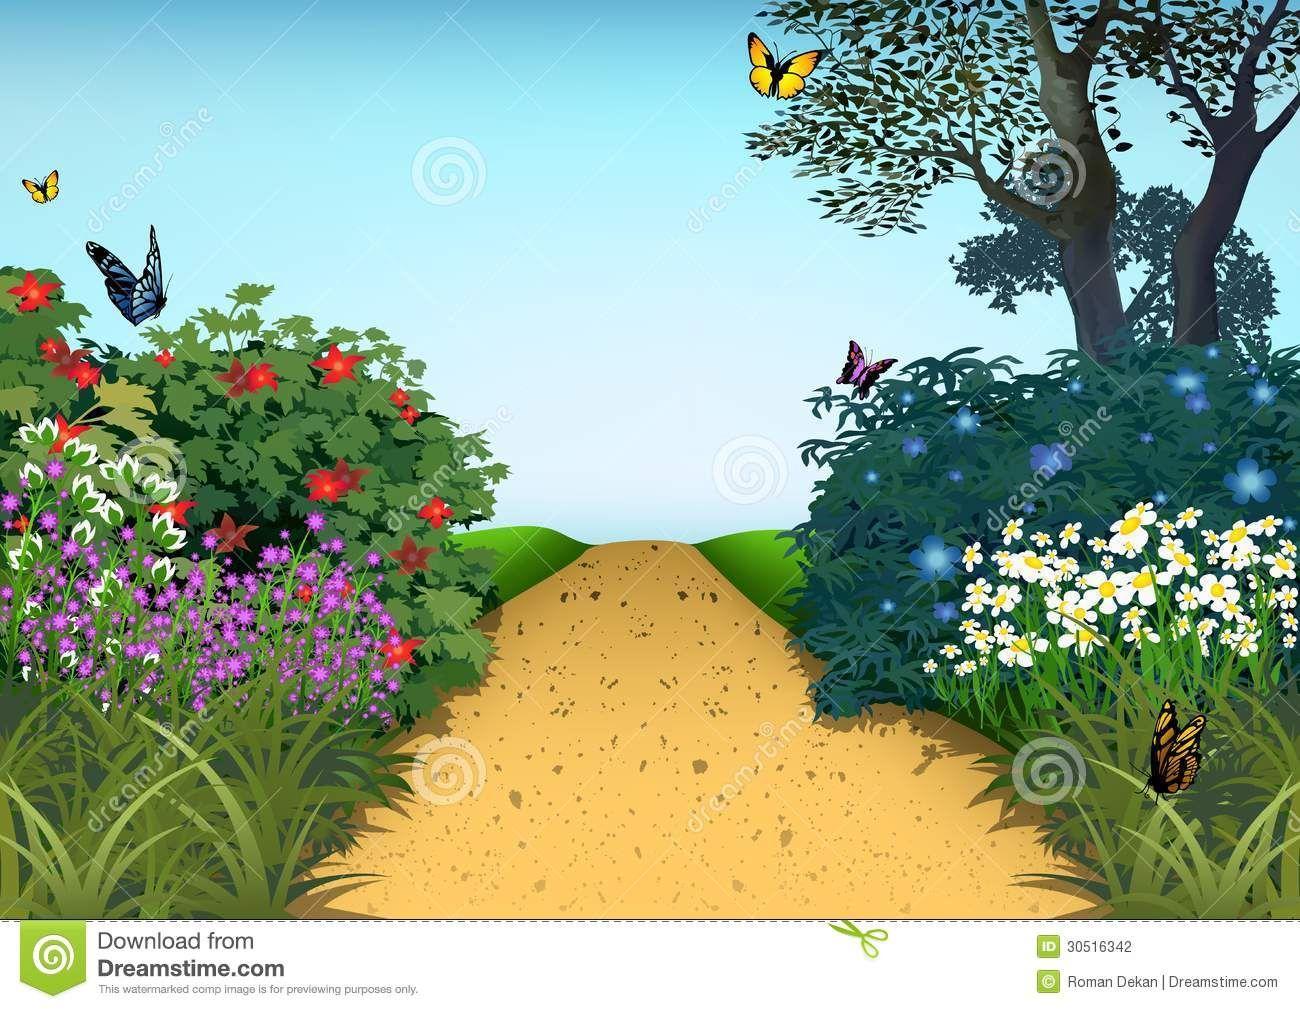 Photo about Summer Garden , Cartoon Background Illustration